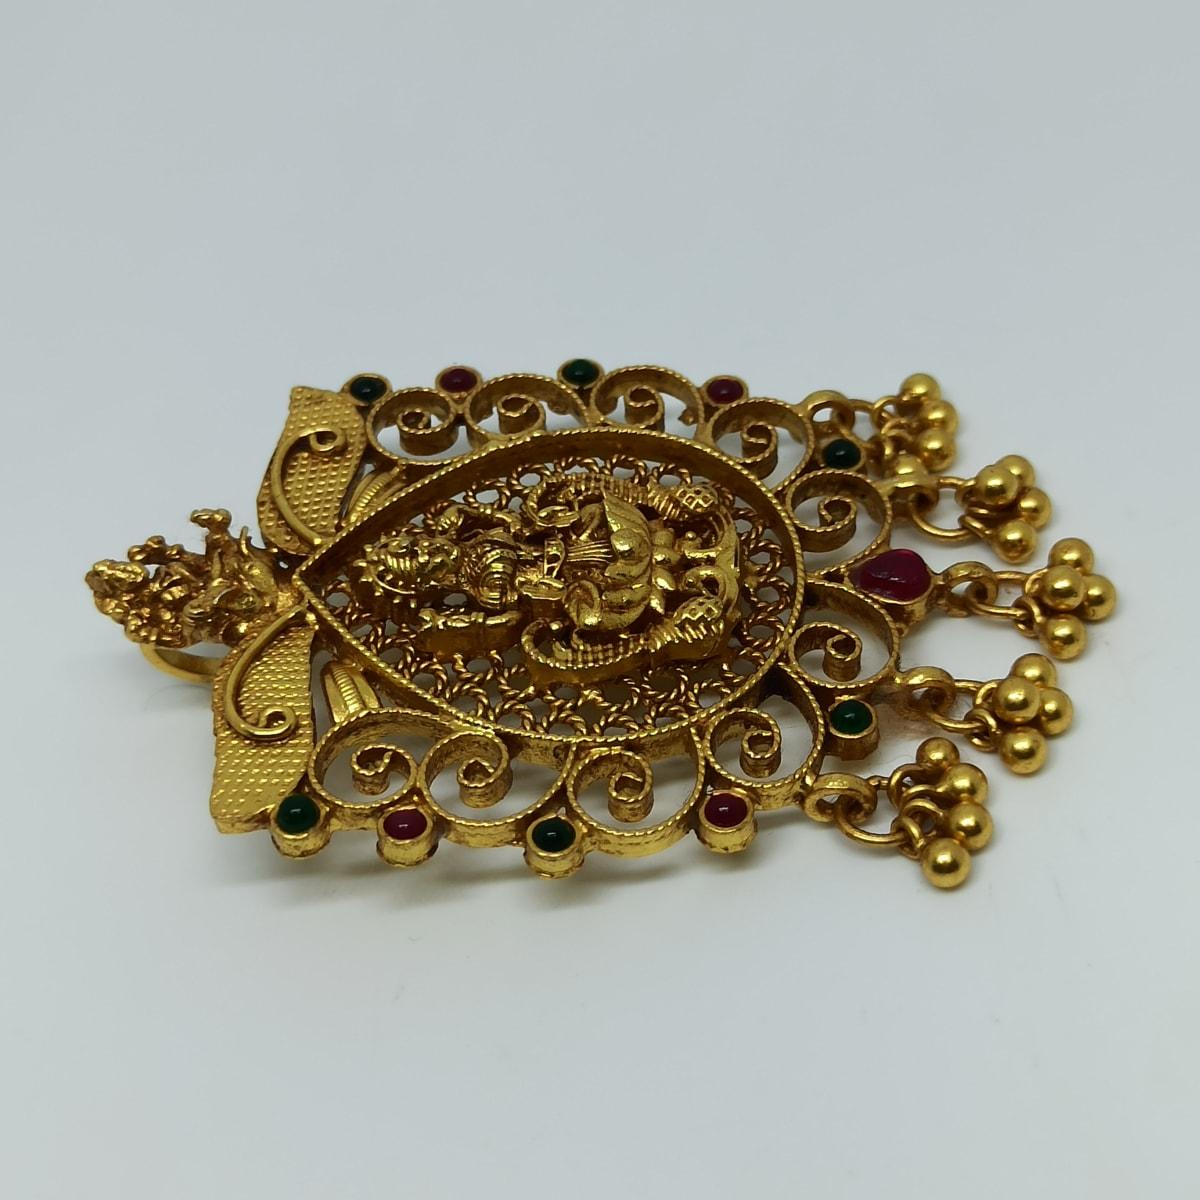 Sri Lakshmi Jali Antique Pendant